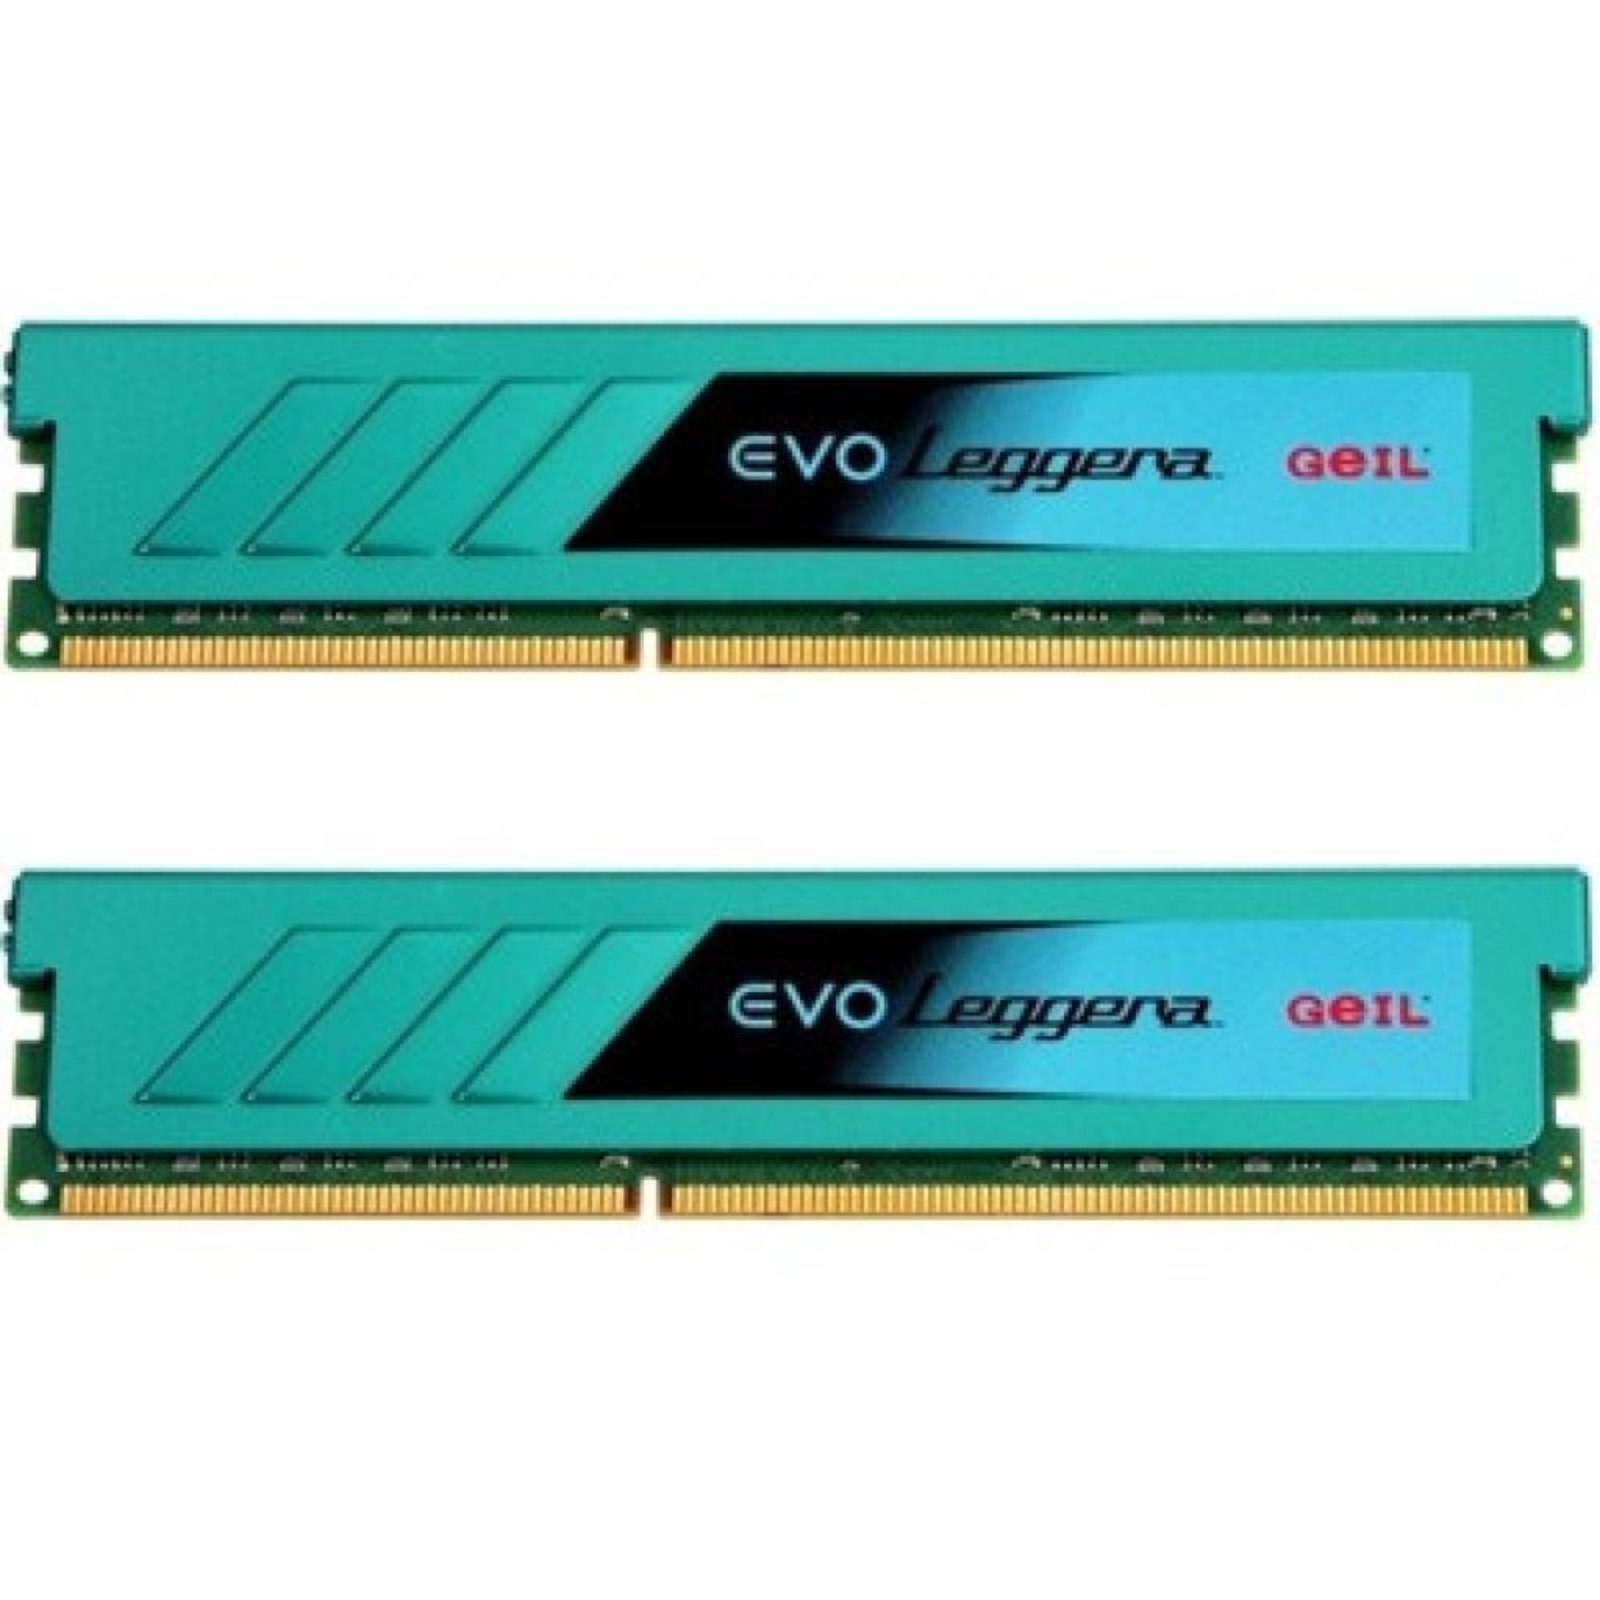 Модуль памяти для компьютера DDR3 8GB (2x4GB) 1866 MHz GEIL (GEL38GB1866C9DC)